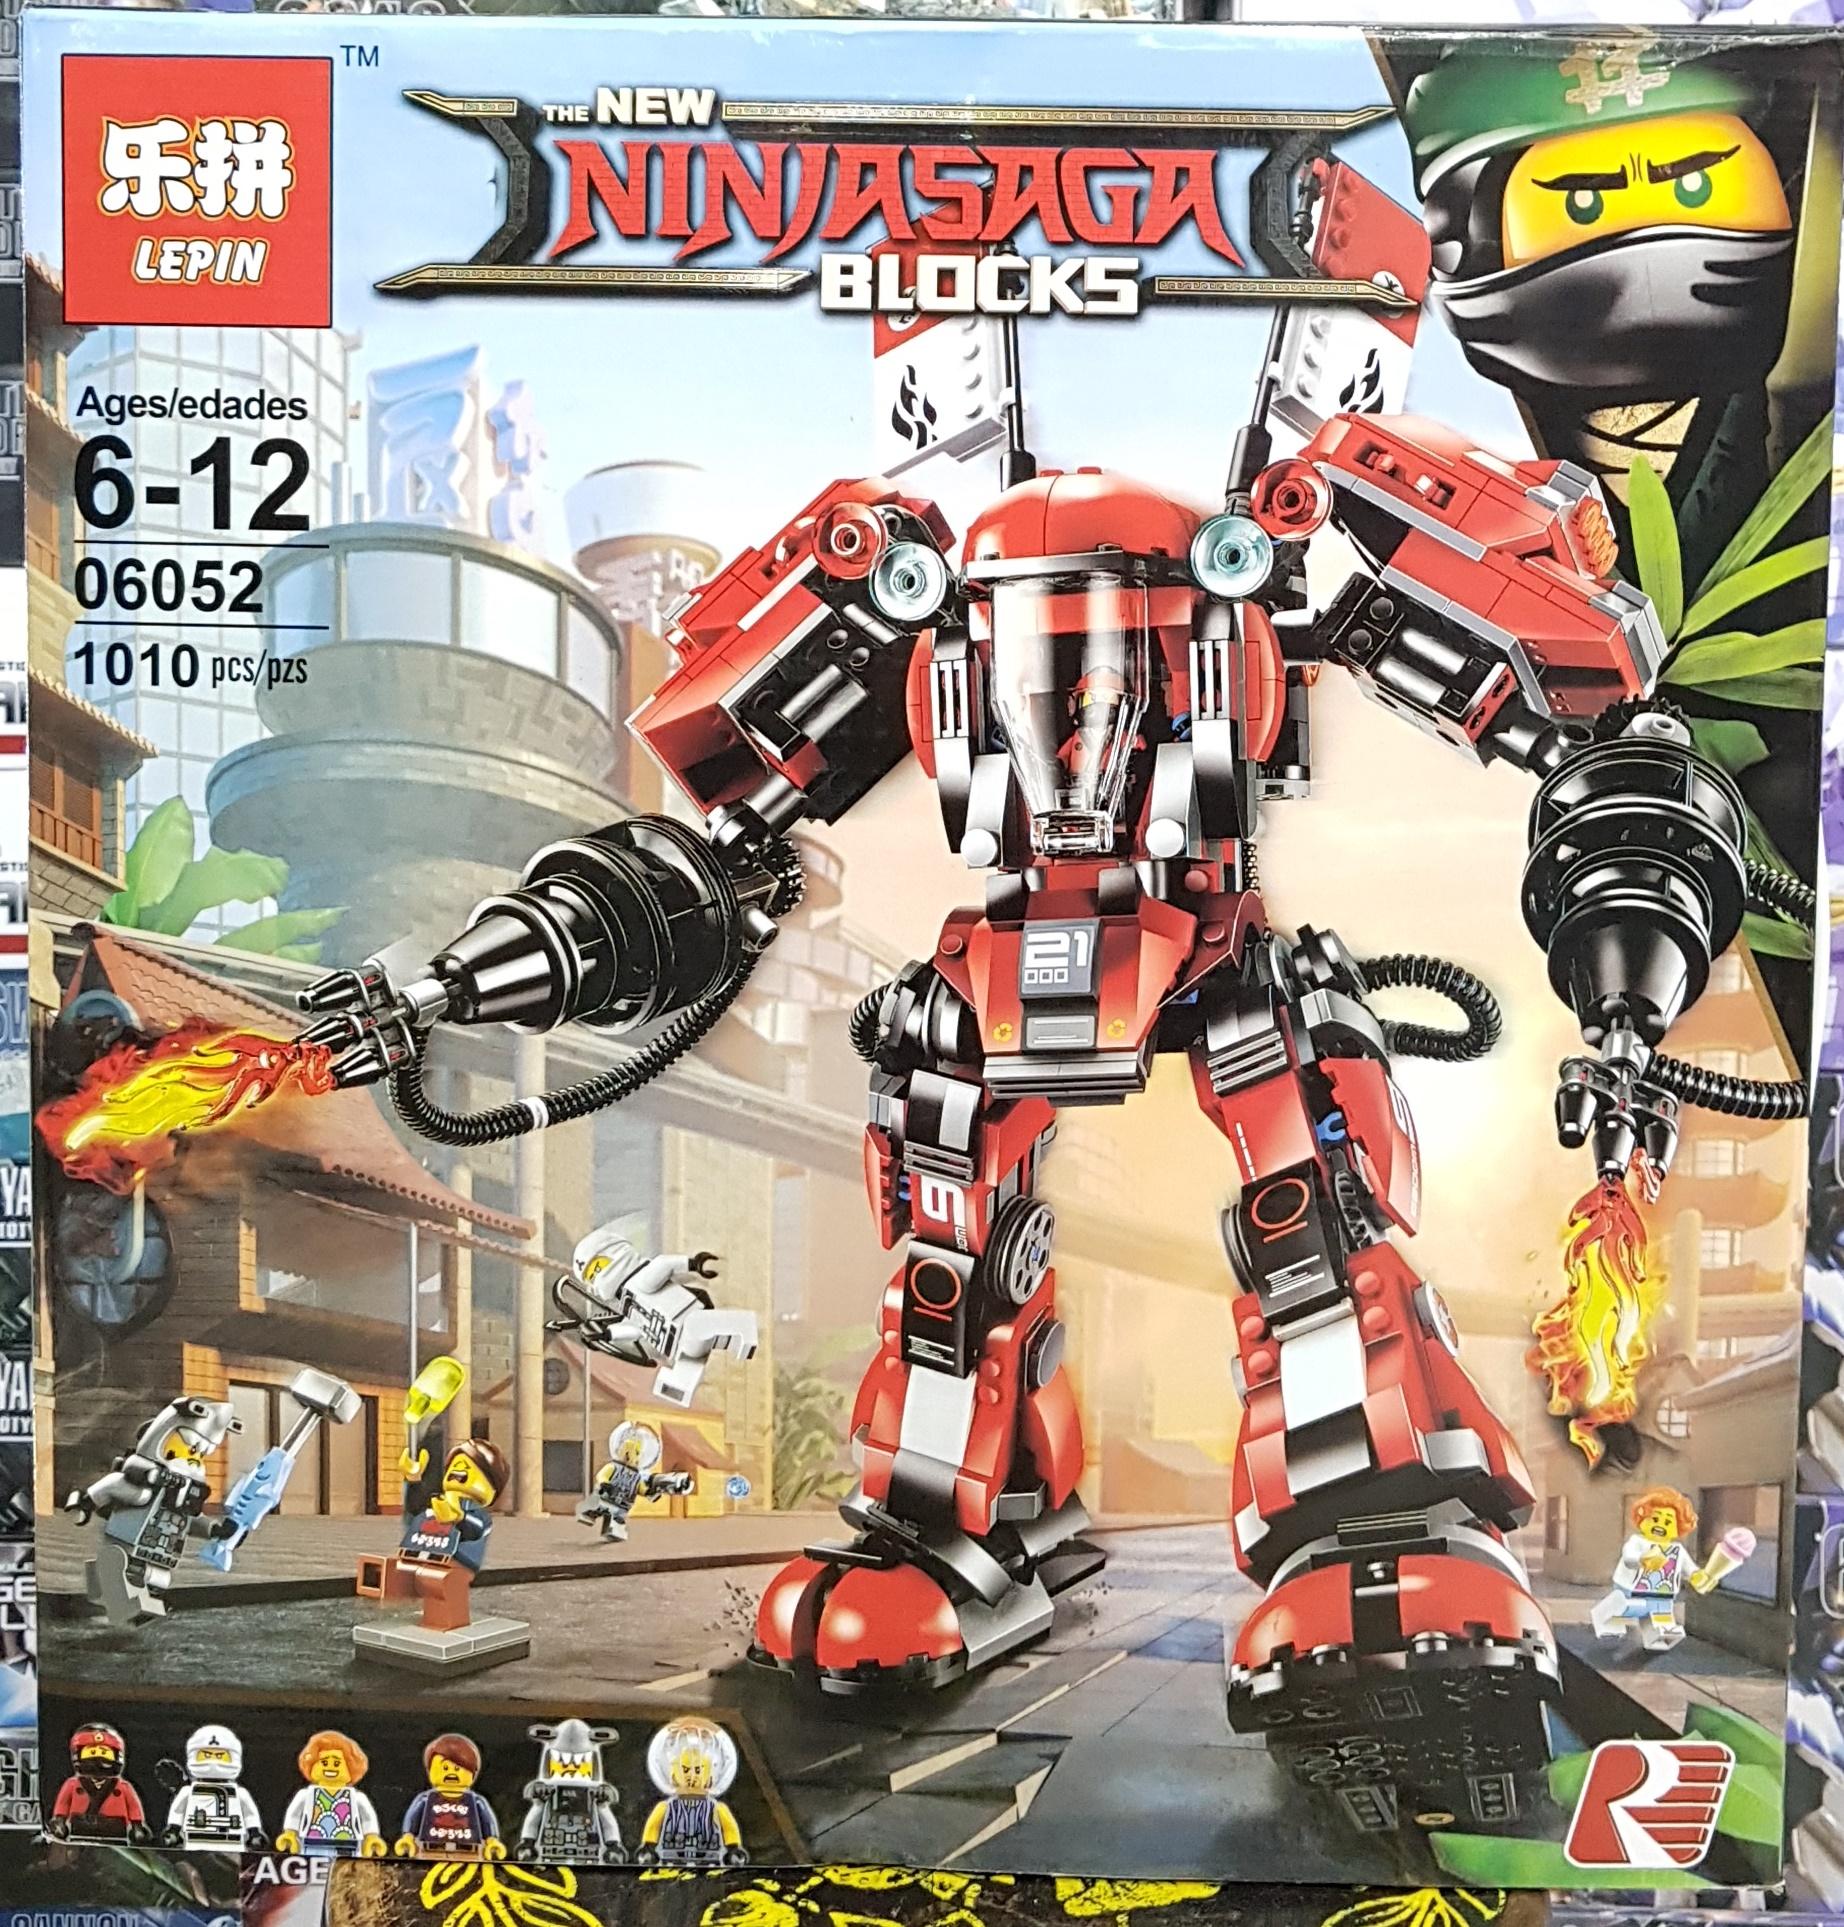 LEPIN THE NEW NINJASAGA BLOCKS 06052 [1010ชิ้น]